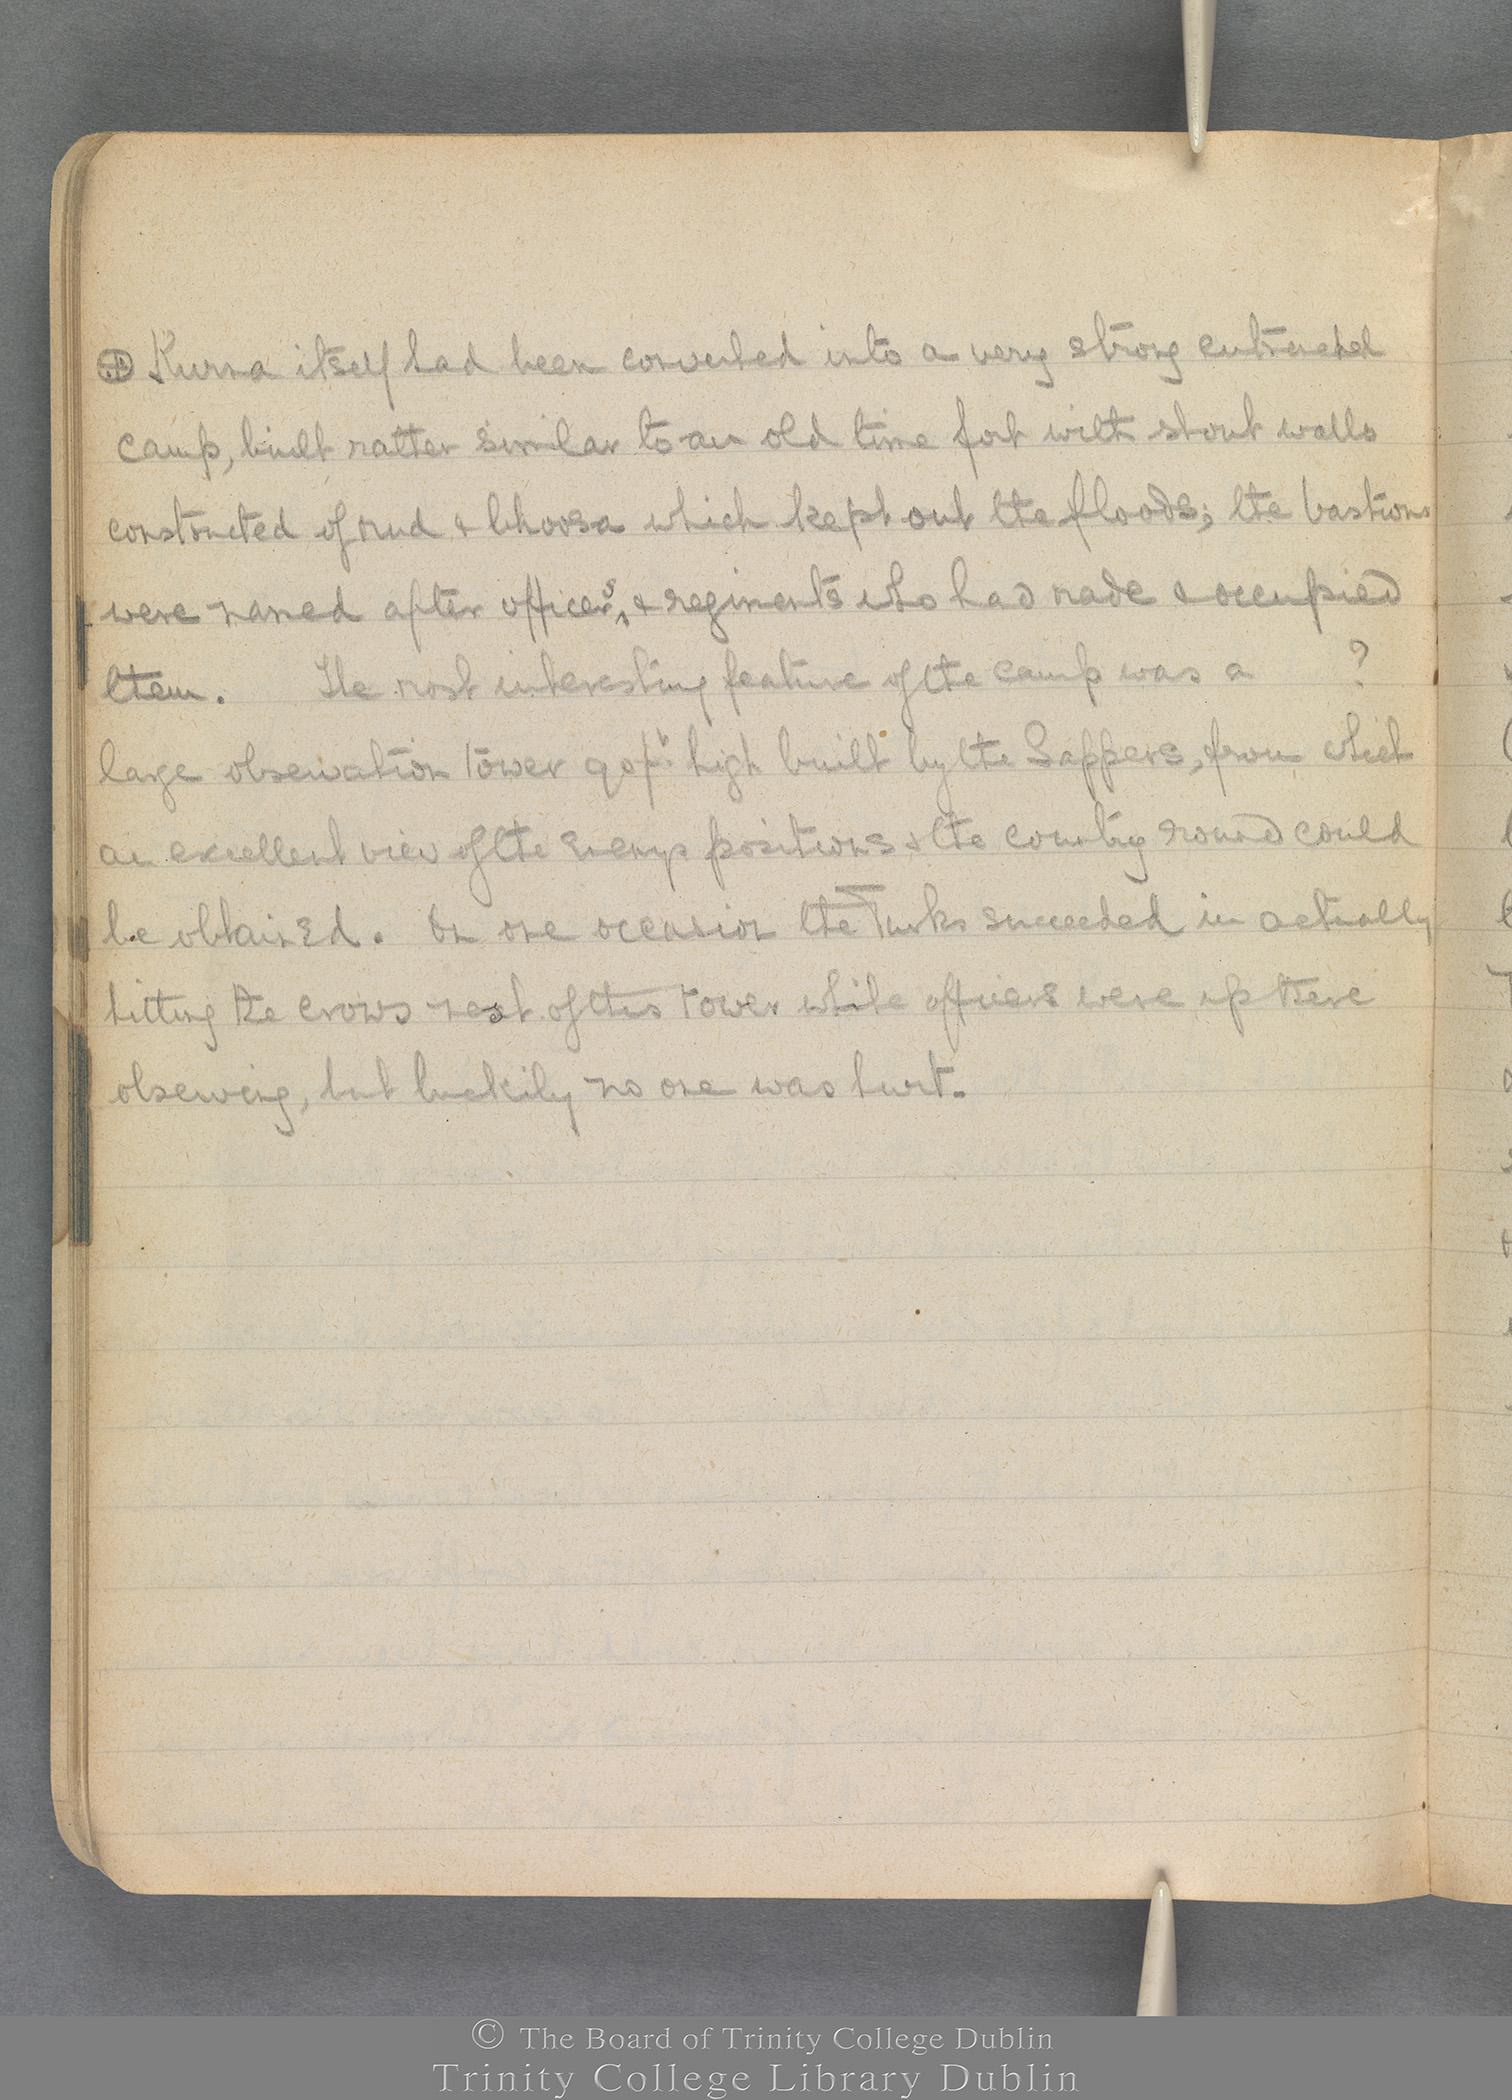 TCD MS 3414 folio 17 verso